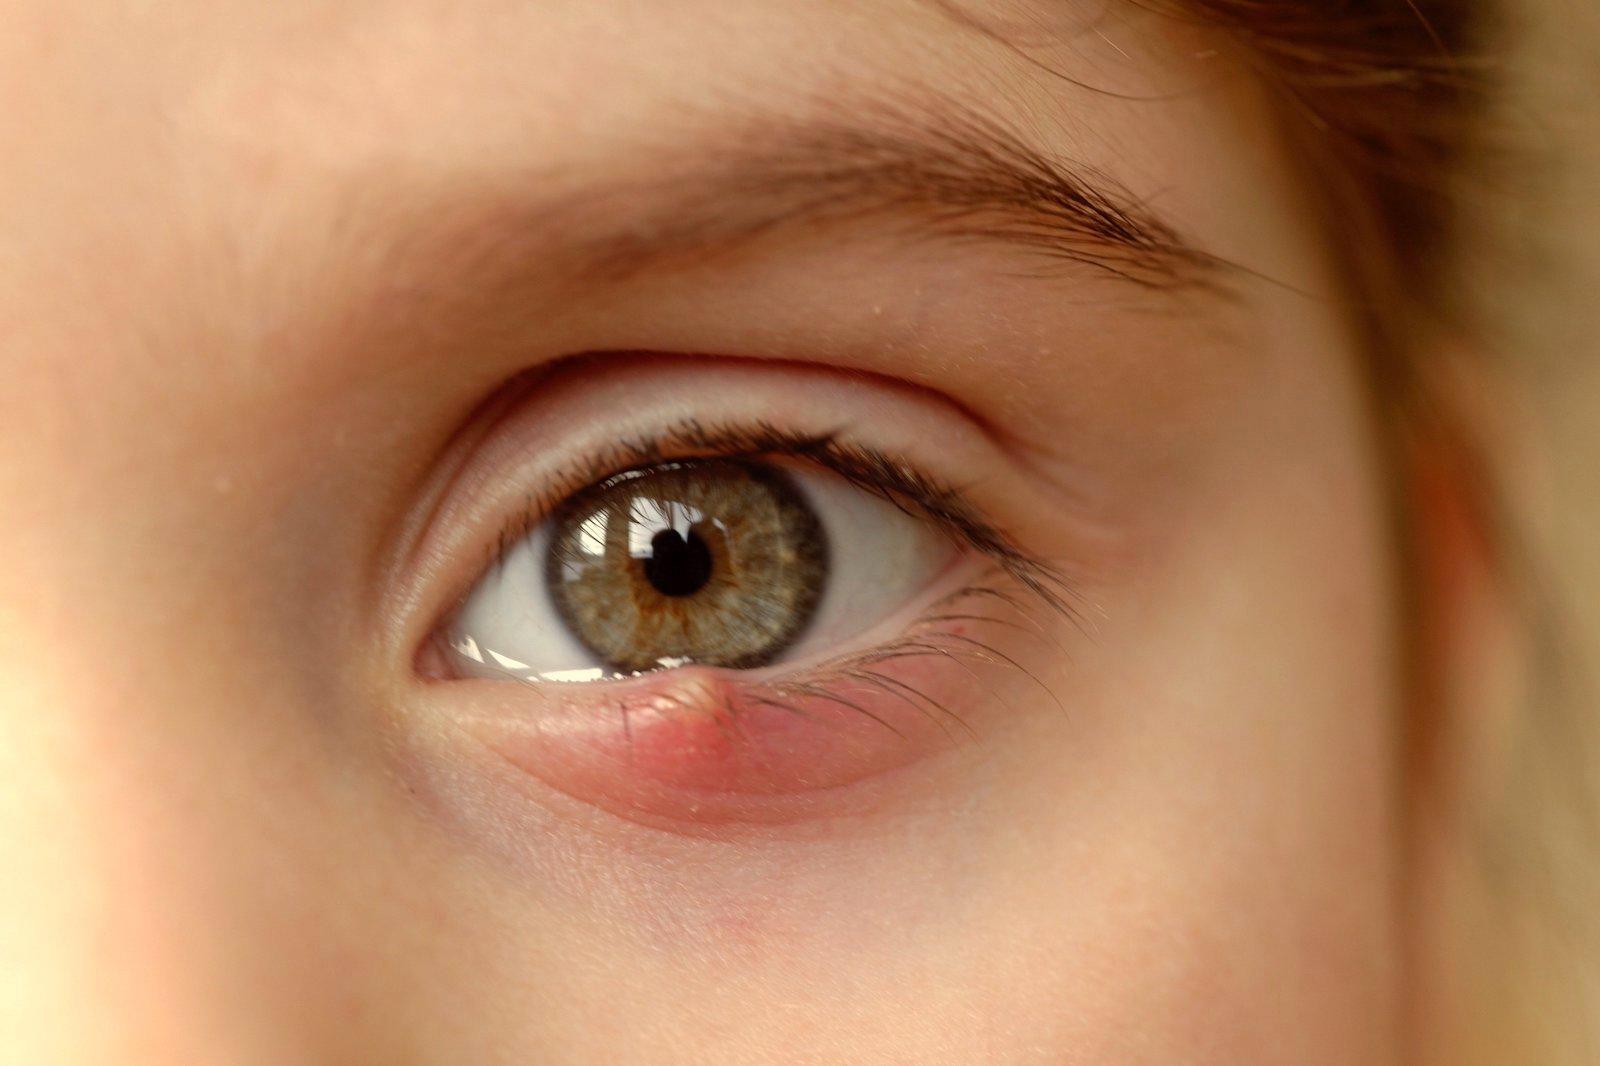 Miopie - Află totul despre cauze, simptome și tratament - Vitreum - Centru medical oftalmologic